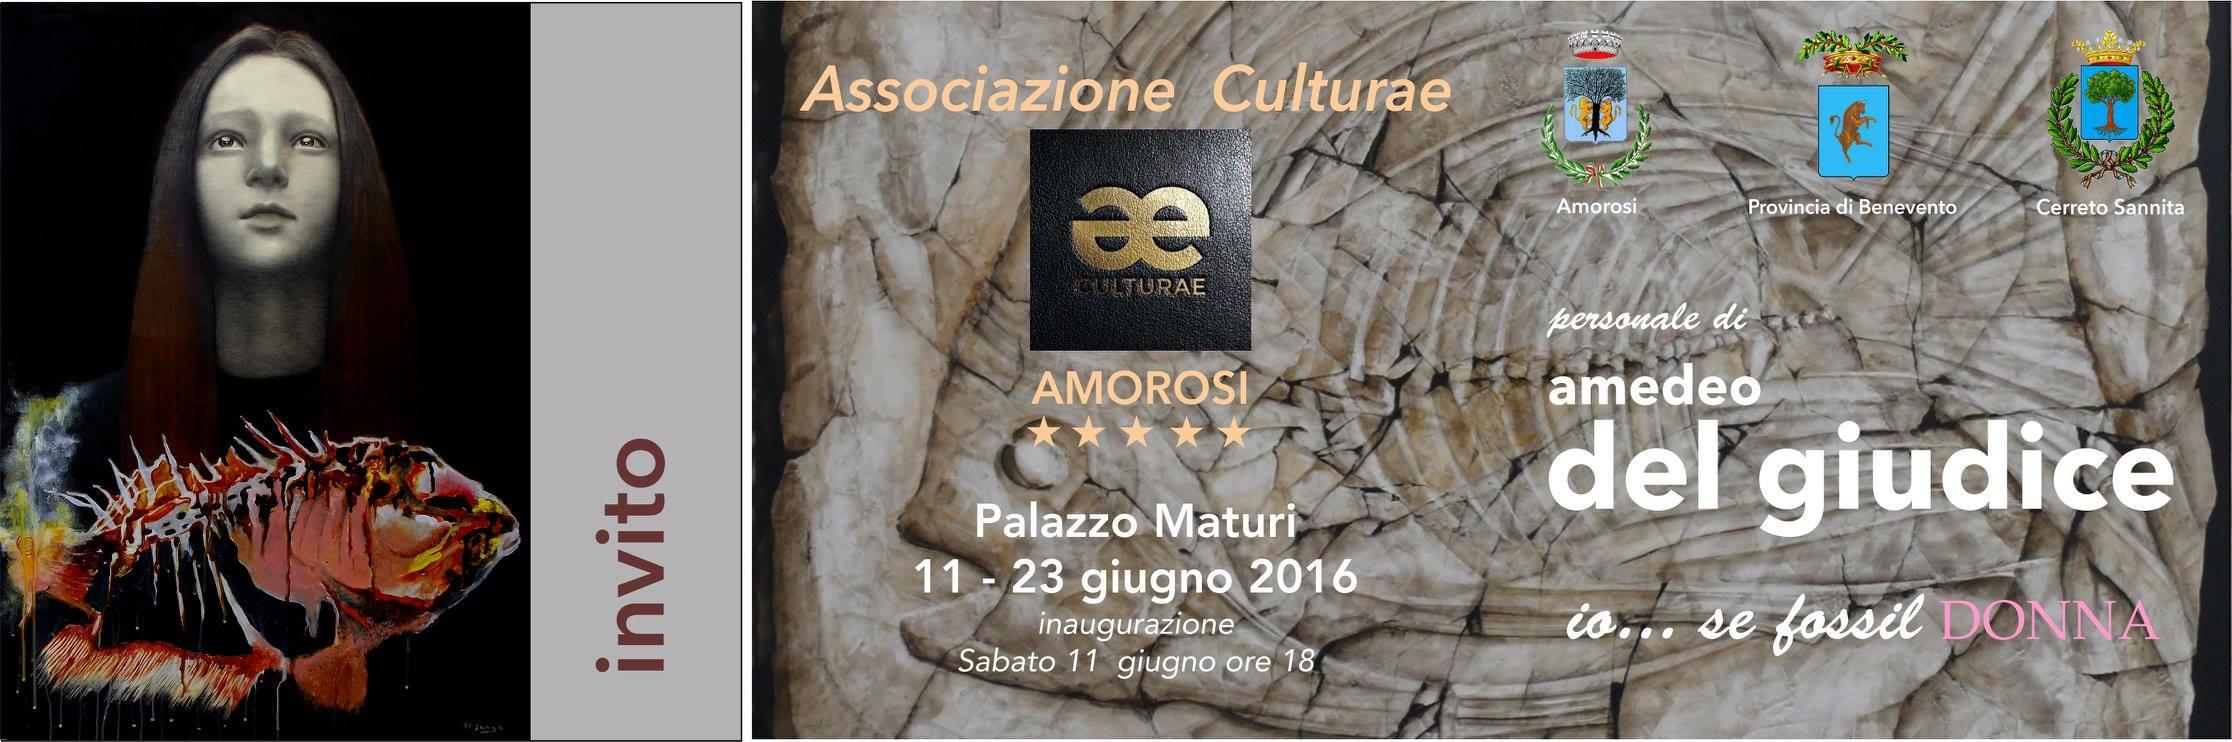 Amorosi, 'io…se fossil DONNA', a Palazzo Maturi il vernissage della Mostra di Del Giudice